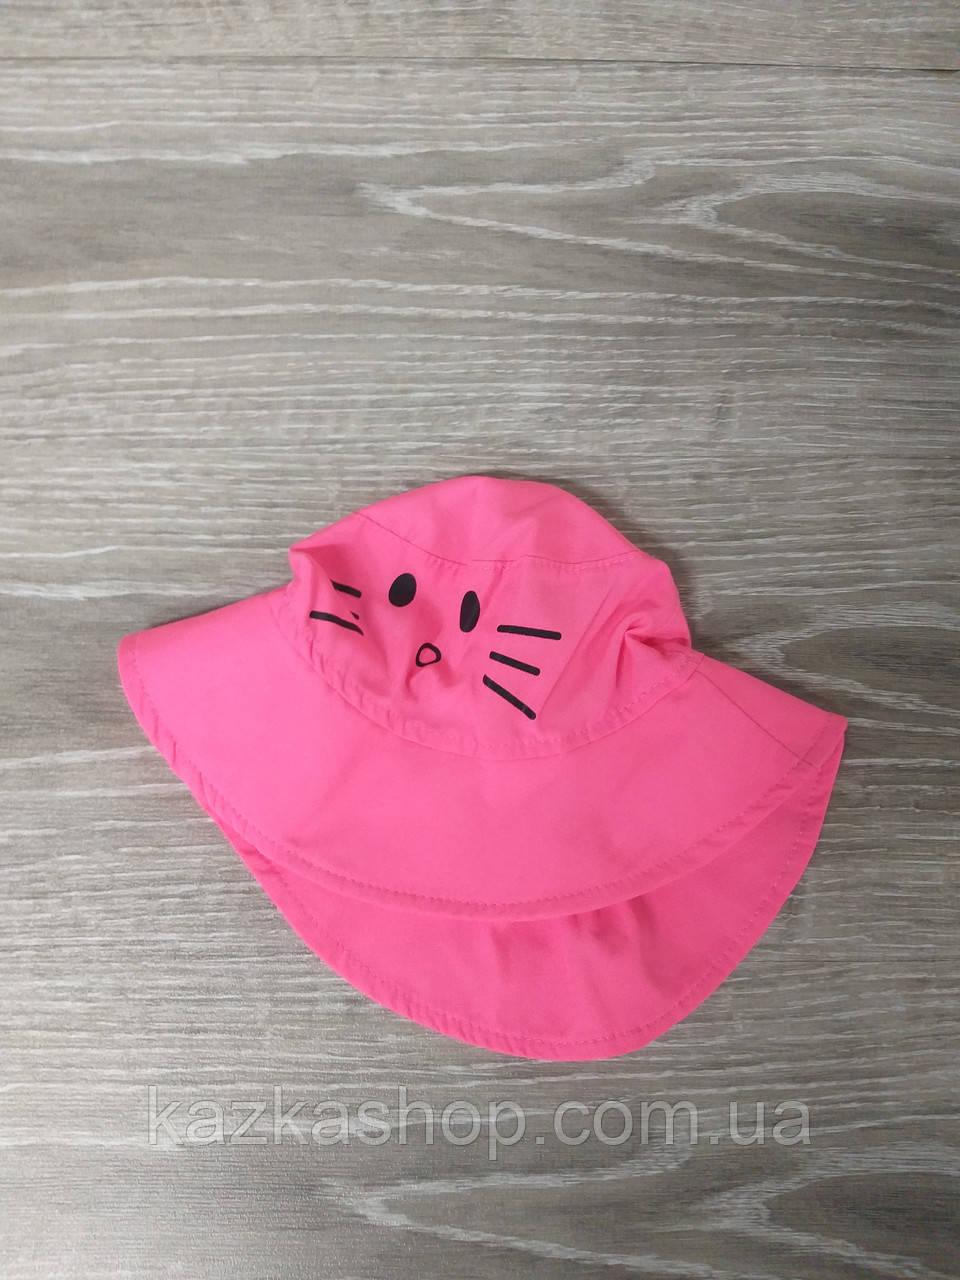 """Детская панама с накатом """"Котик"""", шляпка для девочек, 100% хлопок, размер 50-52"""